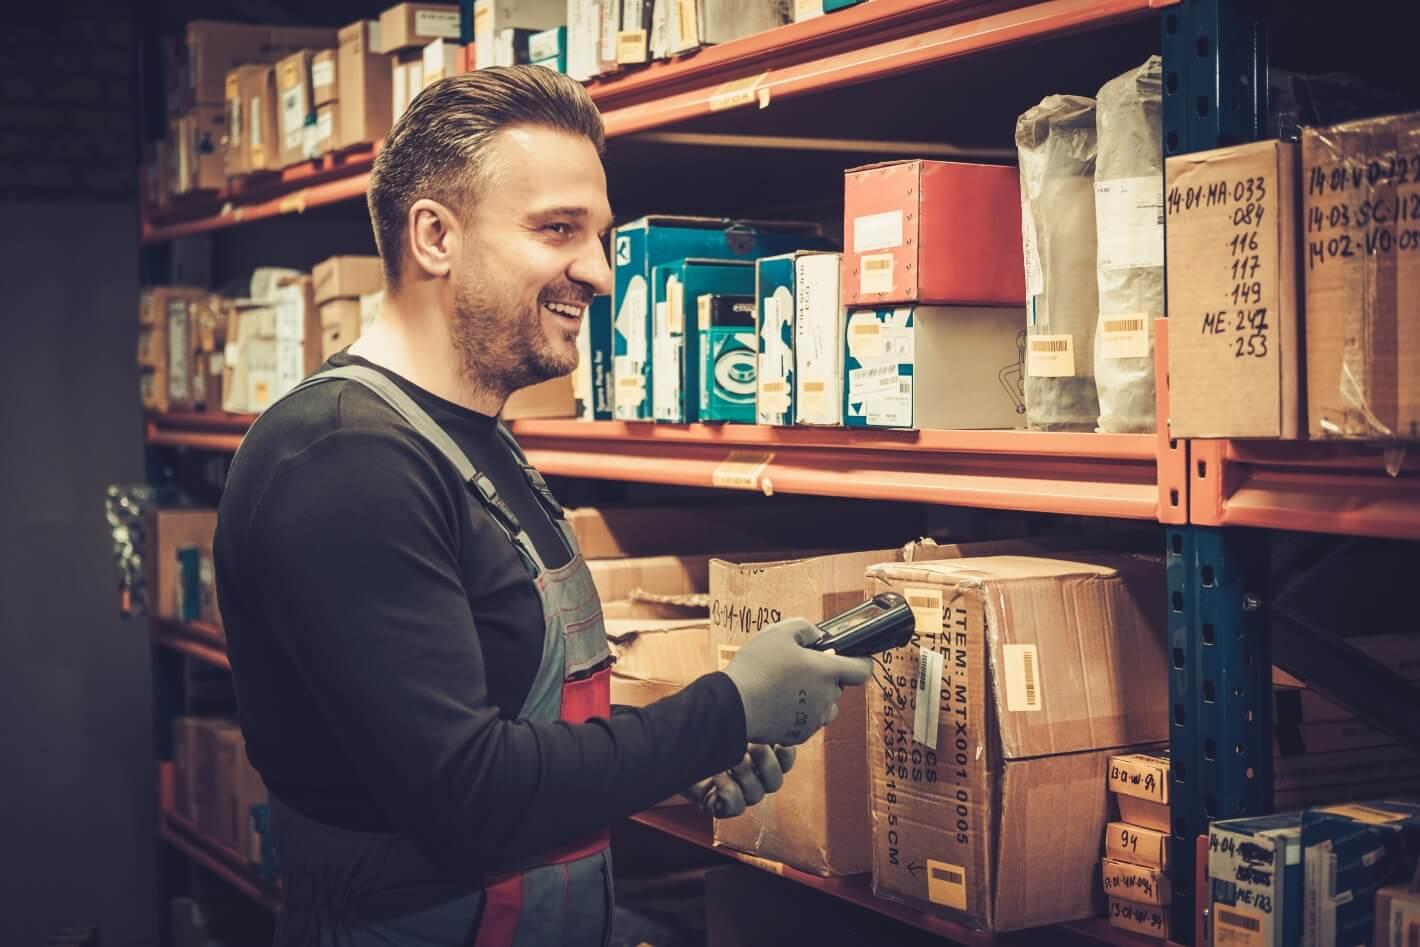 Ein Mitarbeiter eines Onlinehandels steht im Lager und scannt Produkte mit dem MDE Gerät - Handscanner